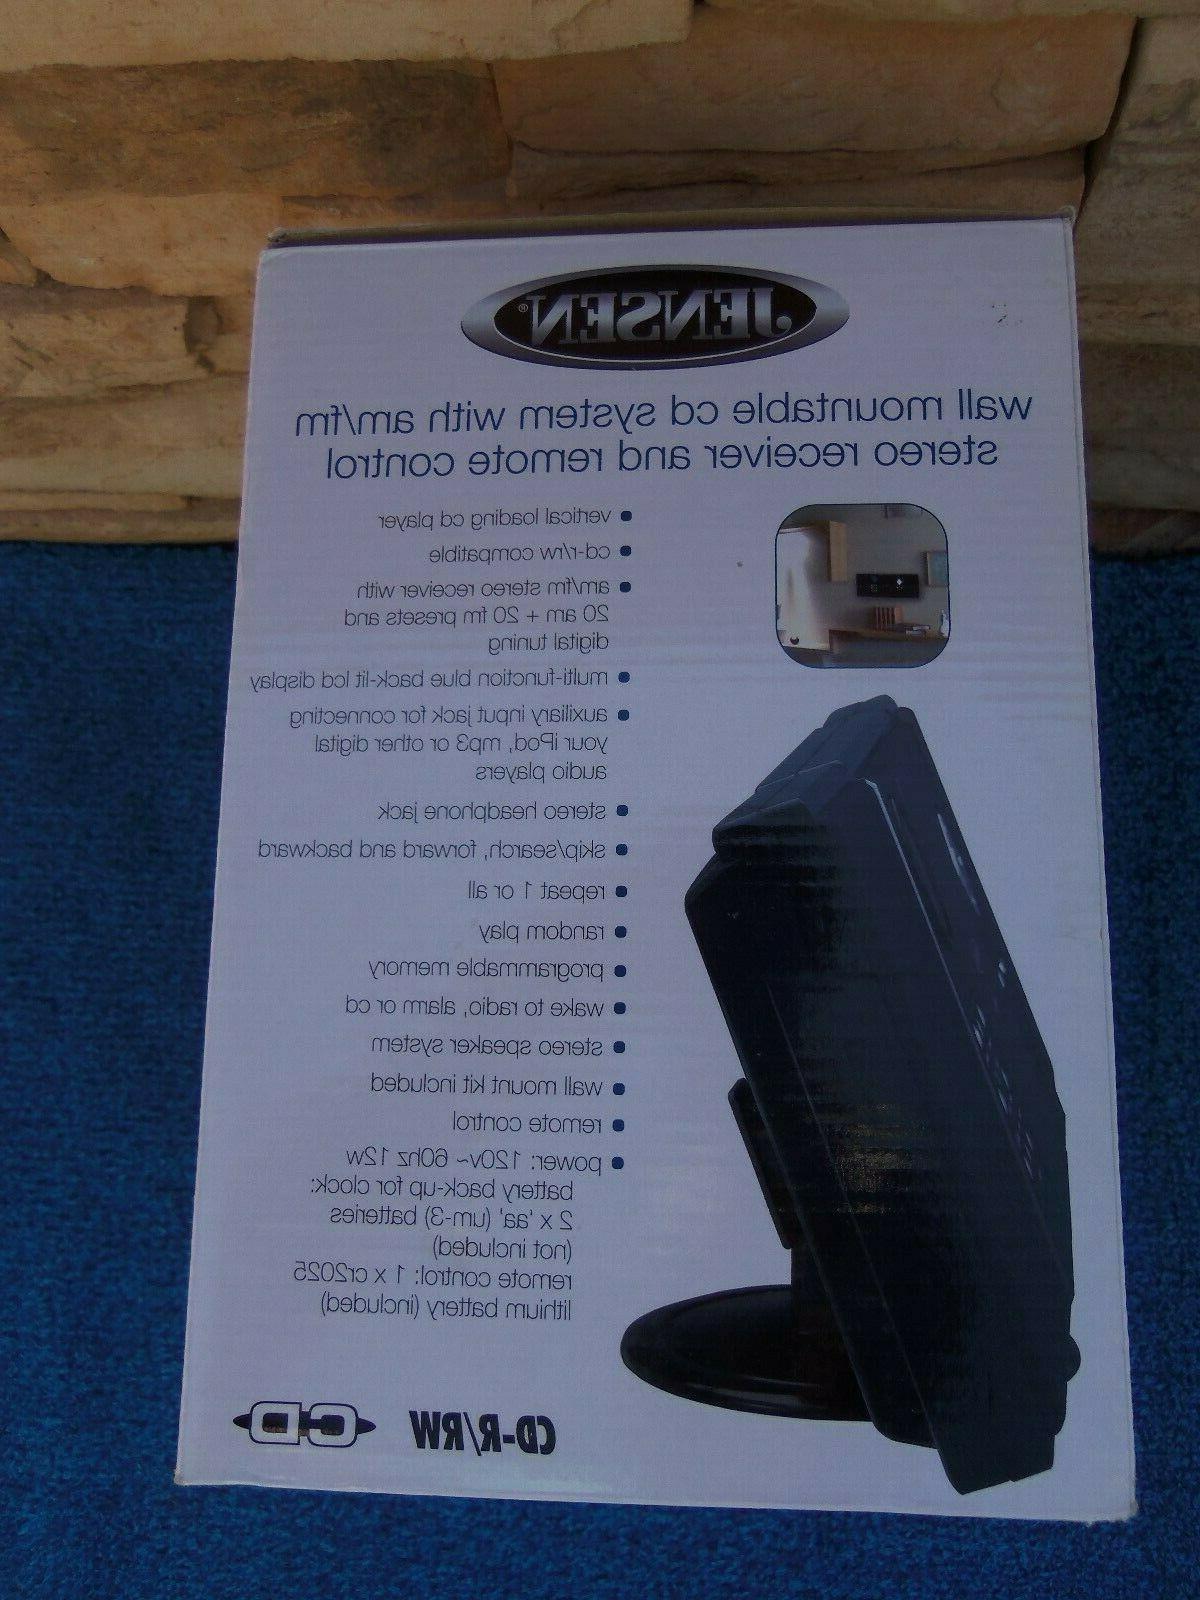 Jensen JMC-180 Wall-Mountable CD AM/FM Receiver